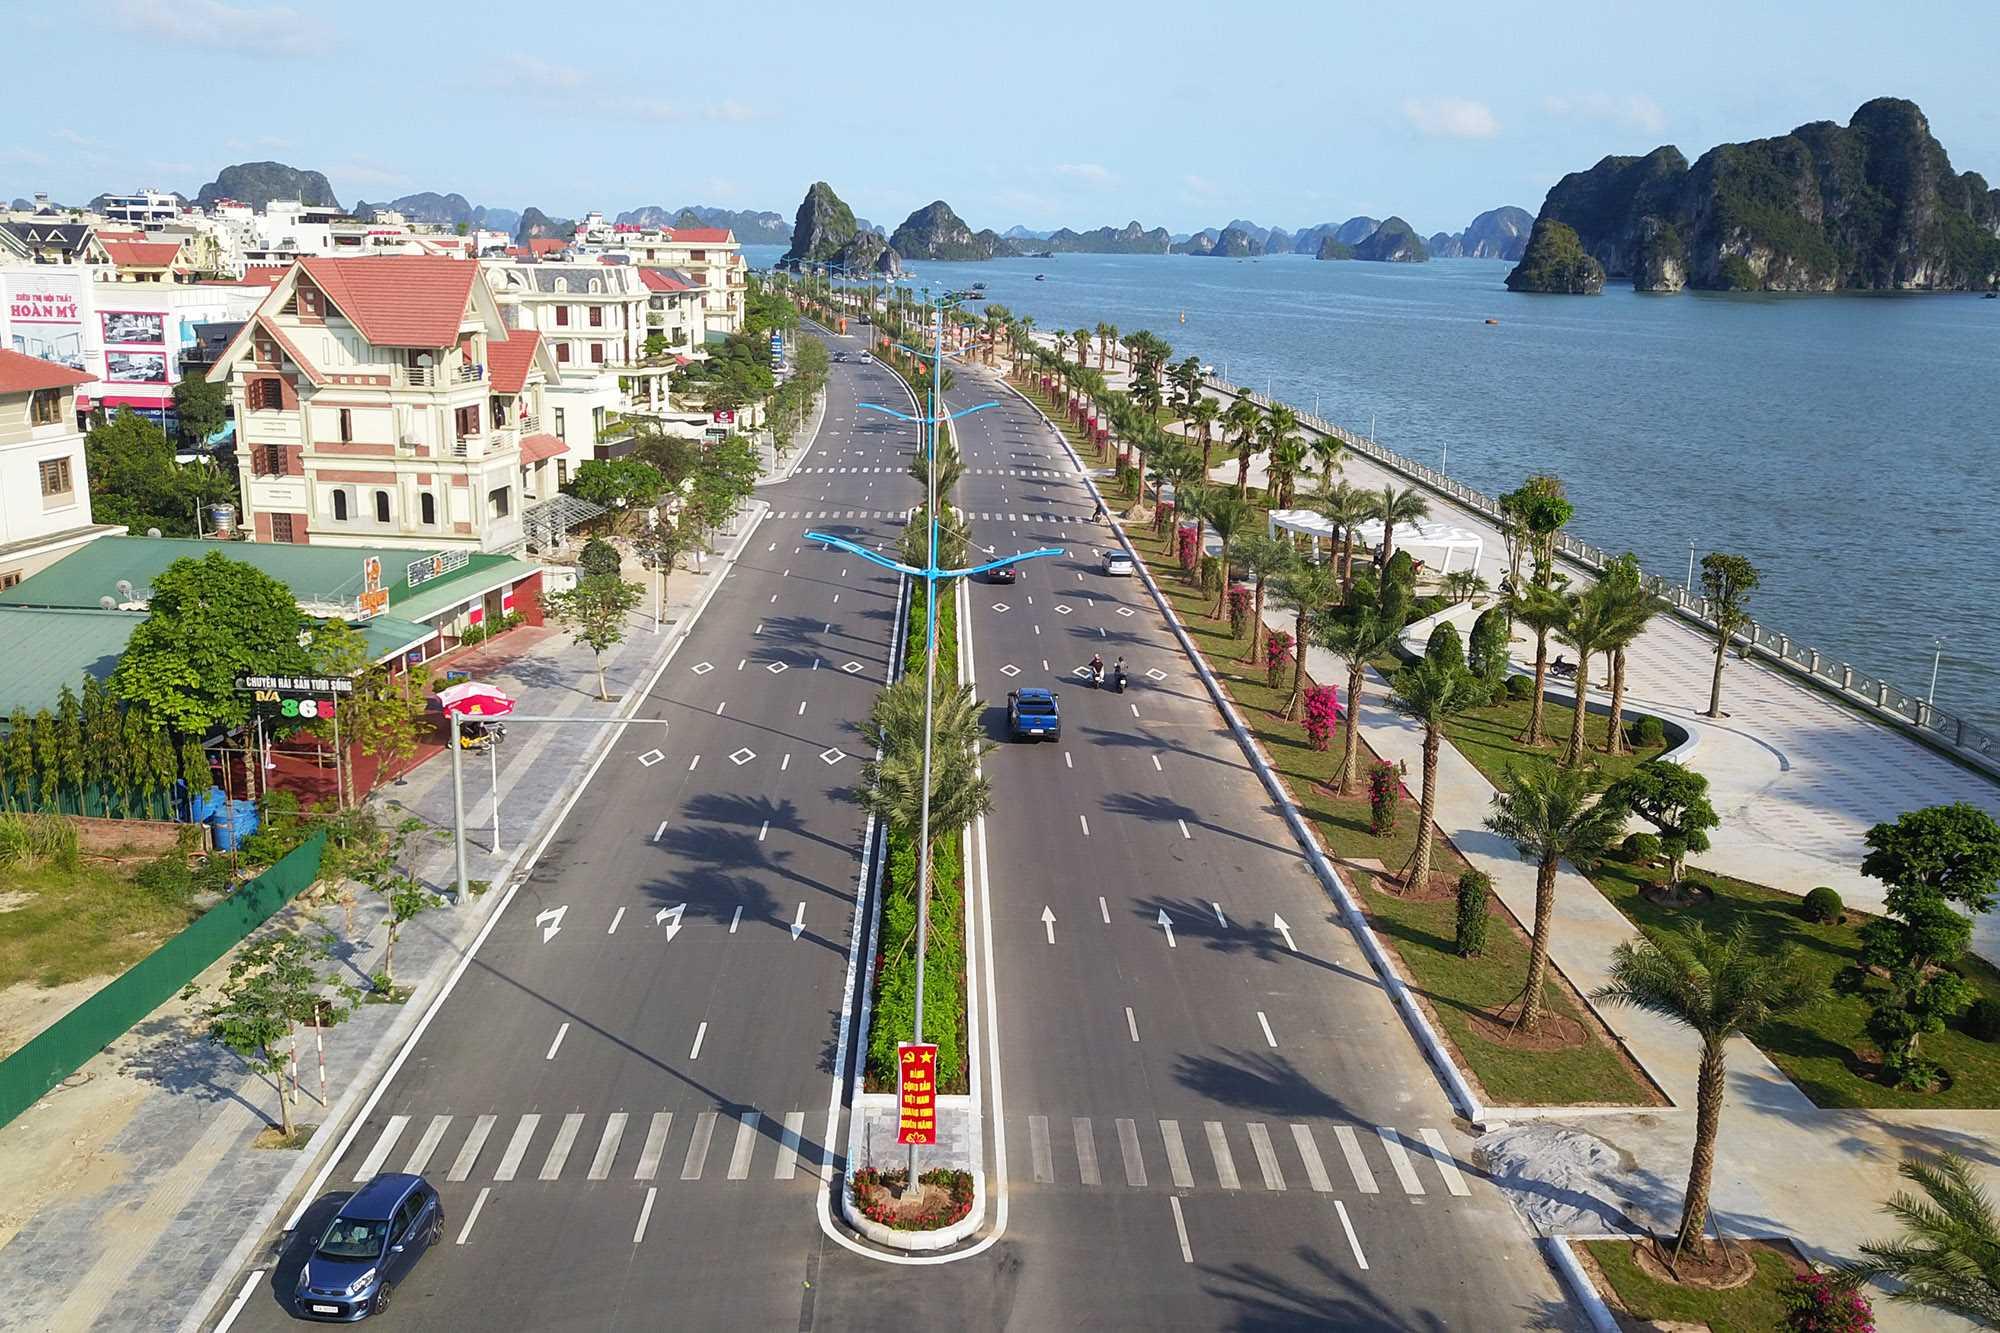 Hải Phòng, Quảng Ninh miễn nhiễm COVID-19 và kỳ vọng nâng đỡ tăng trưởng kinh tế năm 2021 - Ảnh 6.